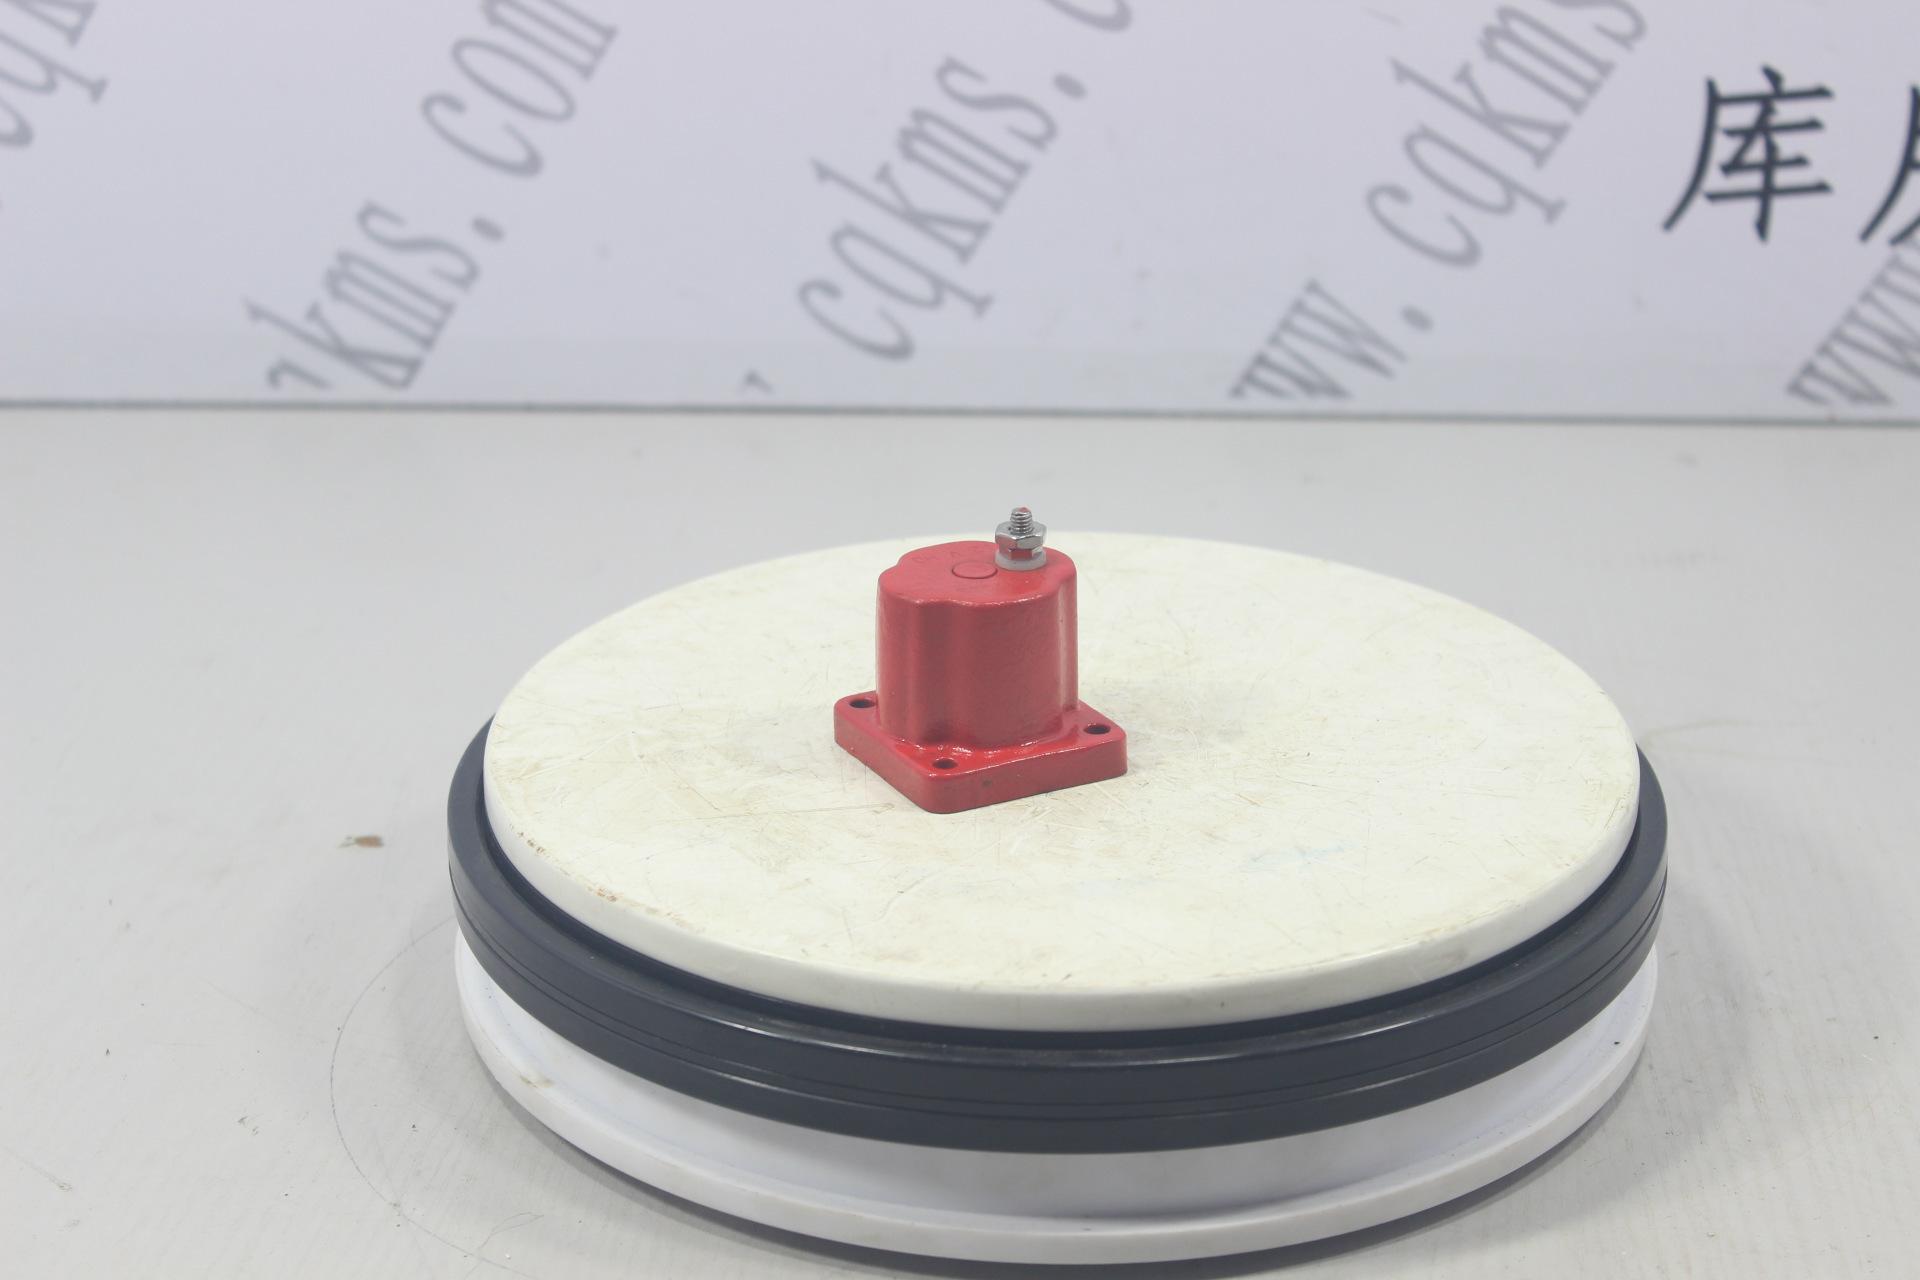 kms00954-3054608-电磁阀-用于N14康明斯发动机-N14--参考重量300-300图片3